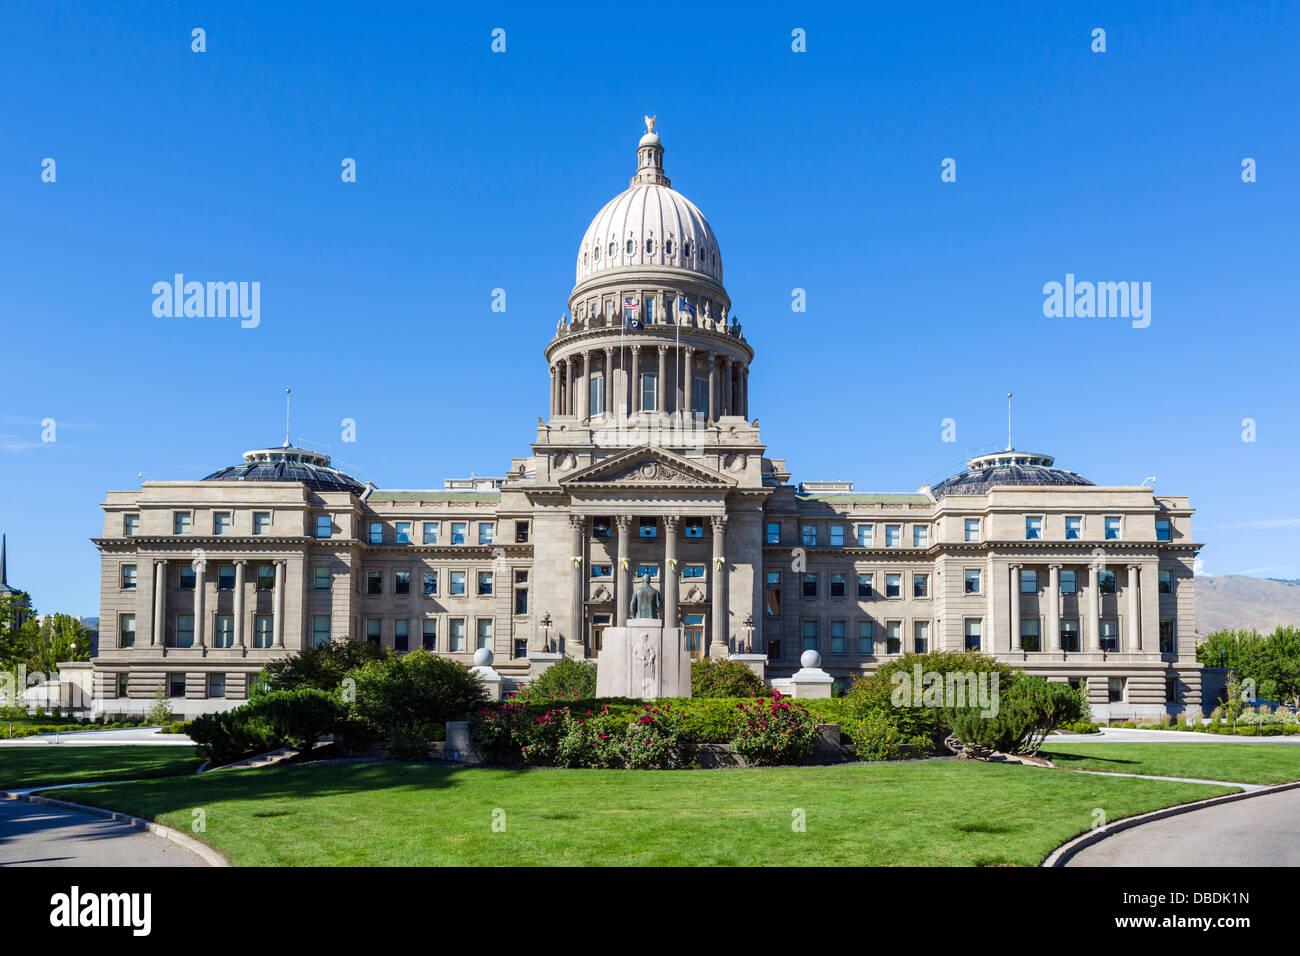 Edificio del Capitolio del Estado de Idaho, Boise, Idaho, EE.UU. Imagen De Stock